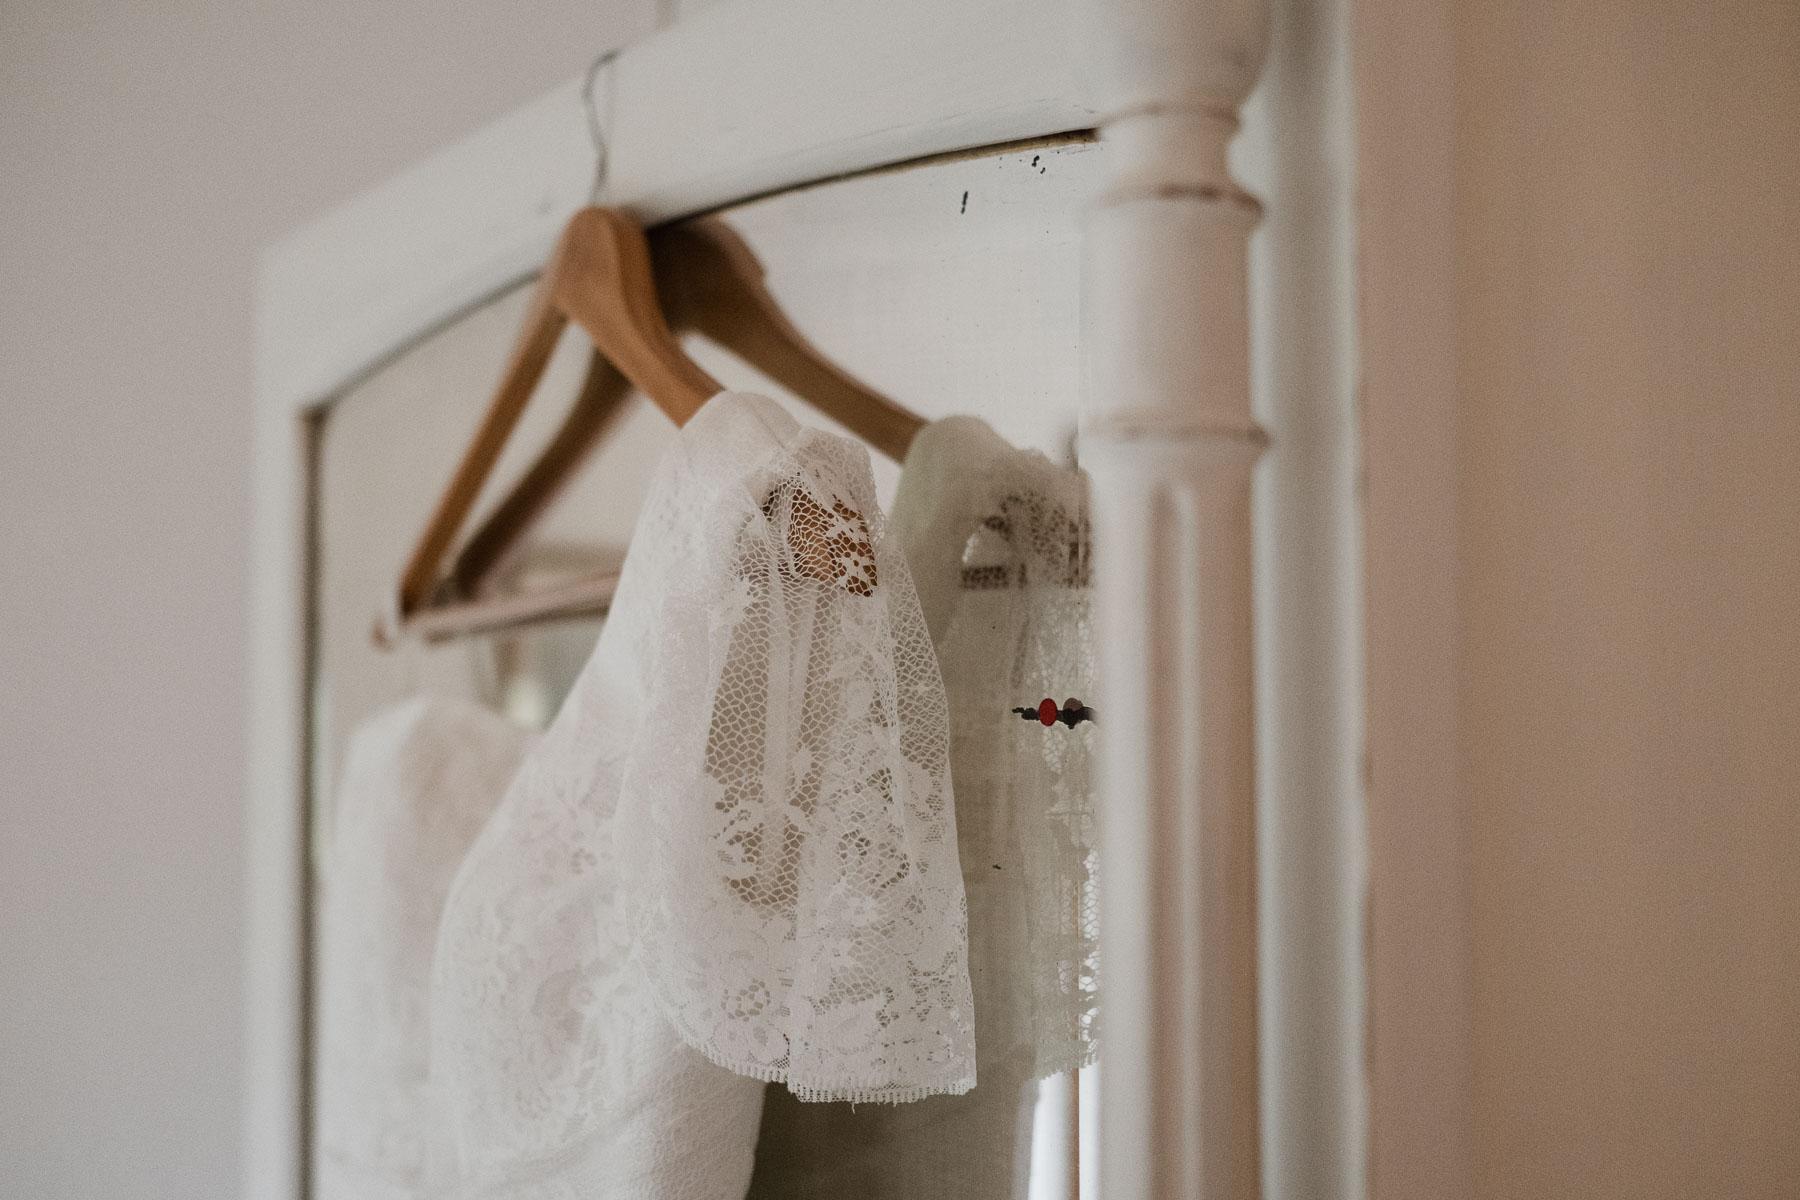 an einer Holztür hangt ein Brautkleid an einem Holzbügel, der kleine Ärmel ist aus einer feinen Spitze